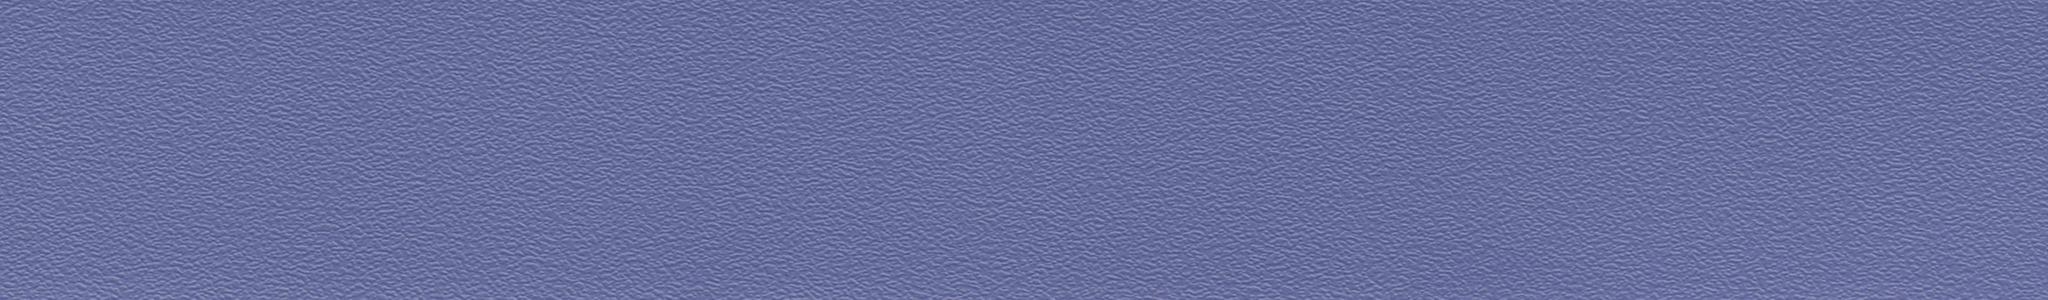 HU 150430 ABS hrana fialová perla XG